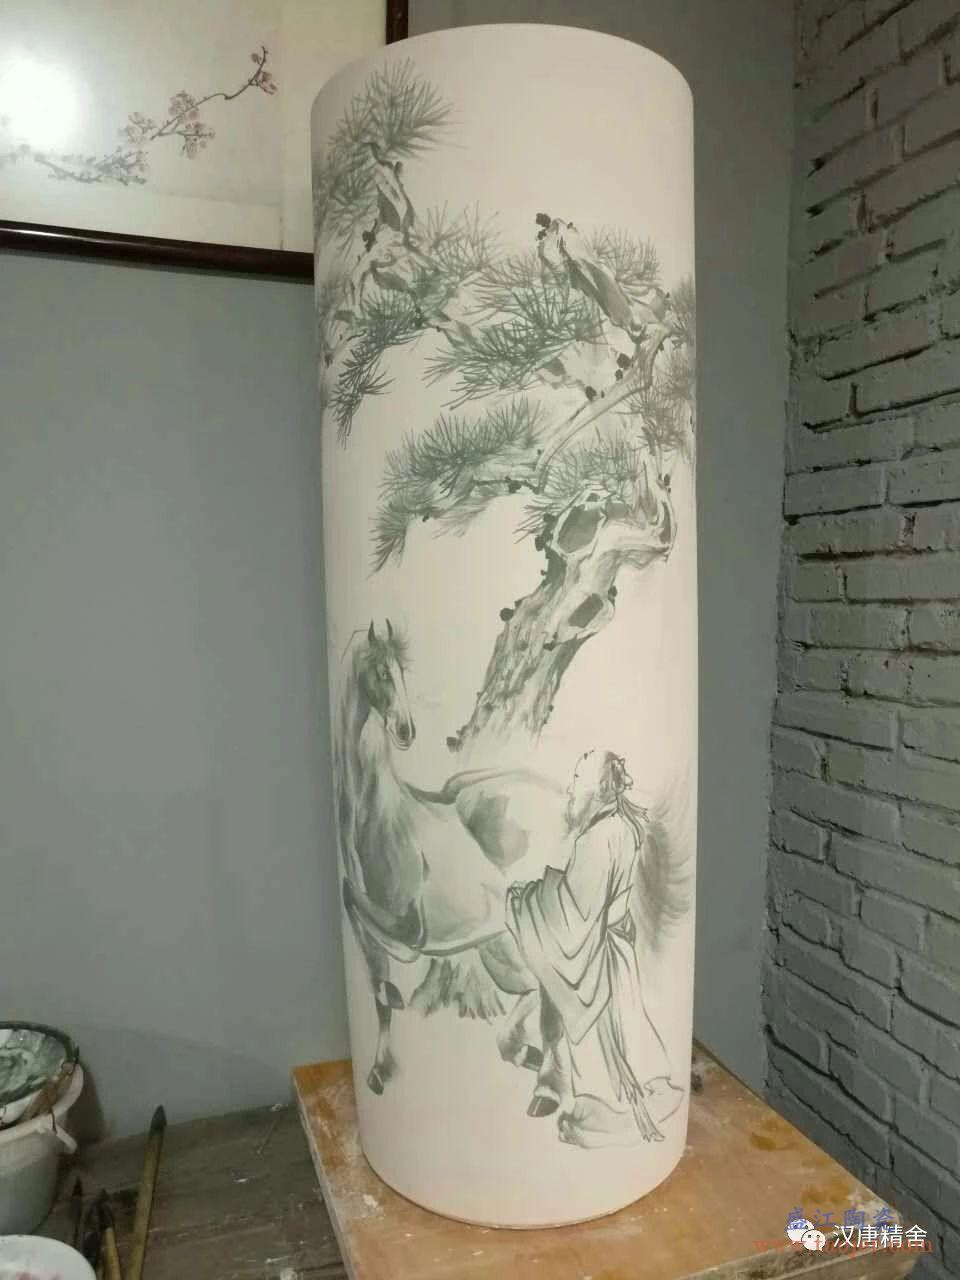 [顾马闲情] 顾马画瓷的玩趣